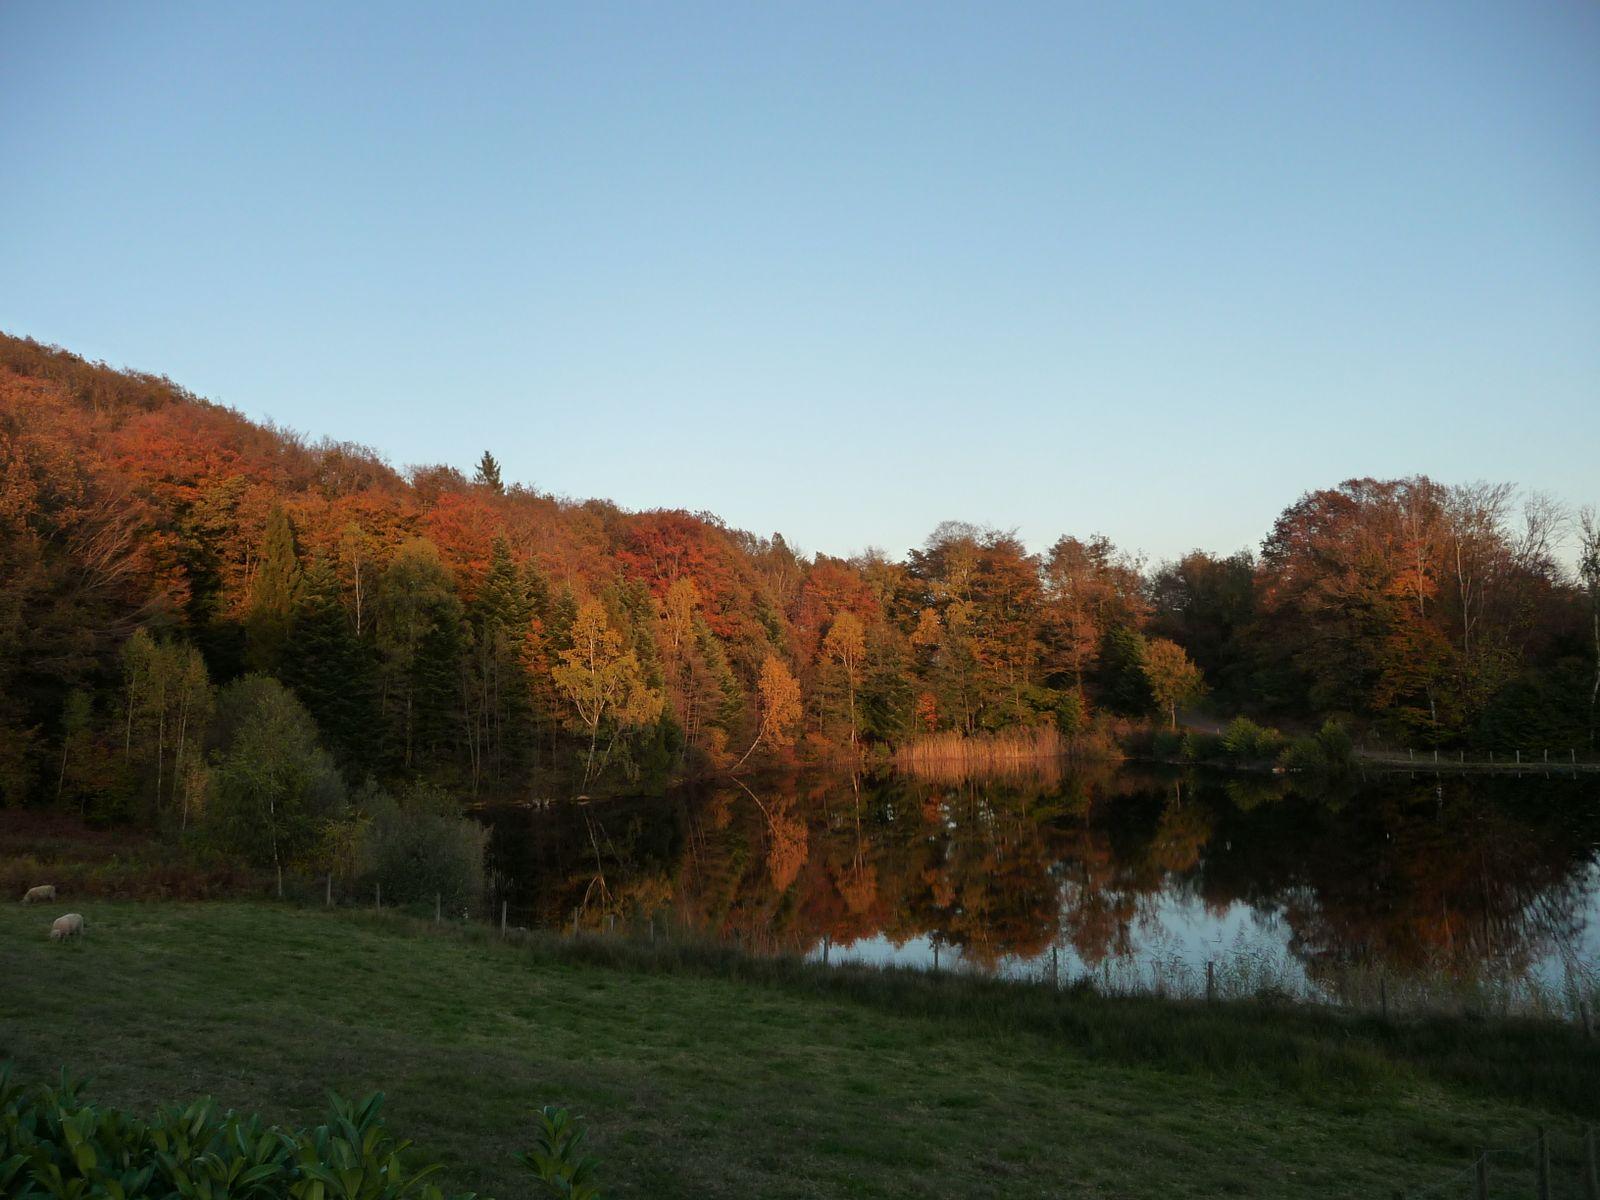 L''étang avec une vue de paysage d'automne..